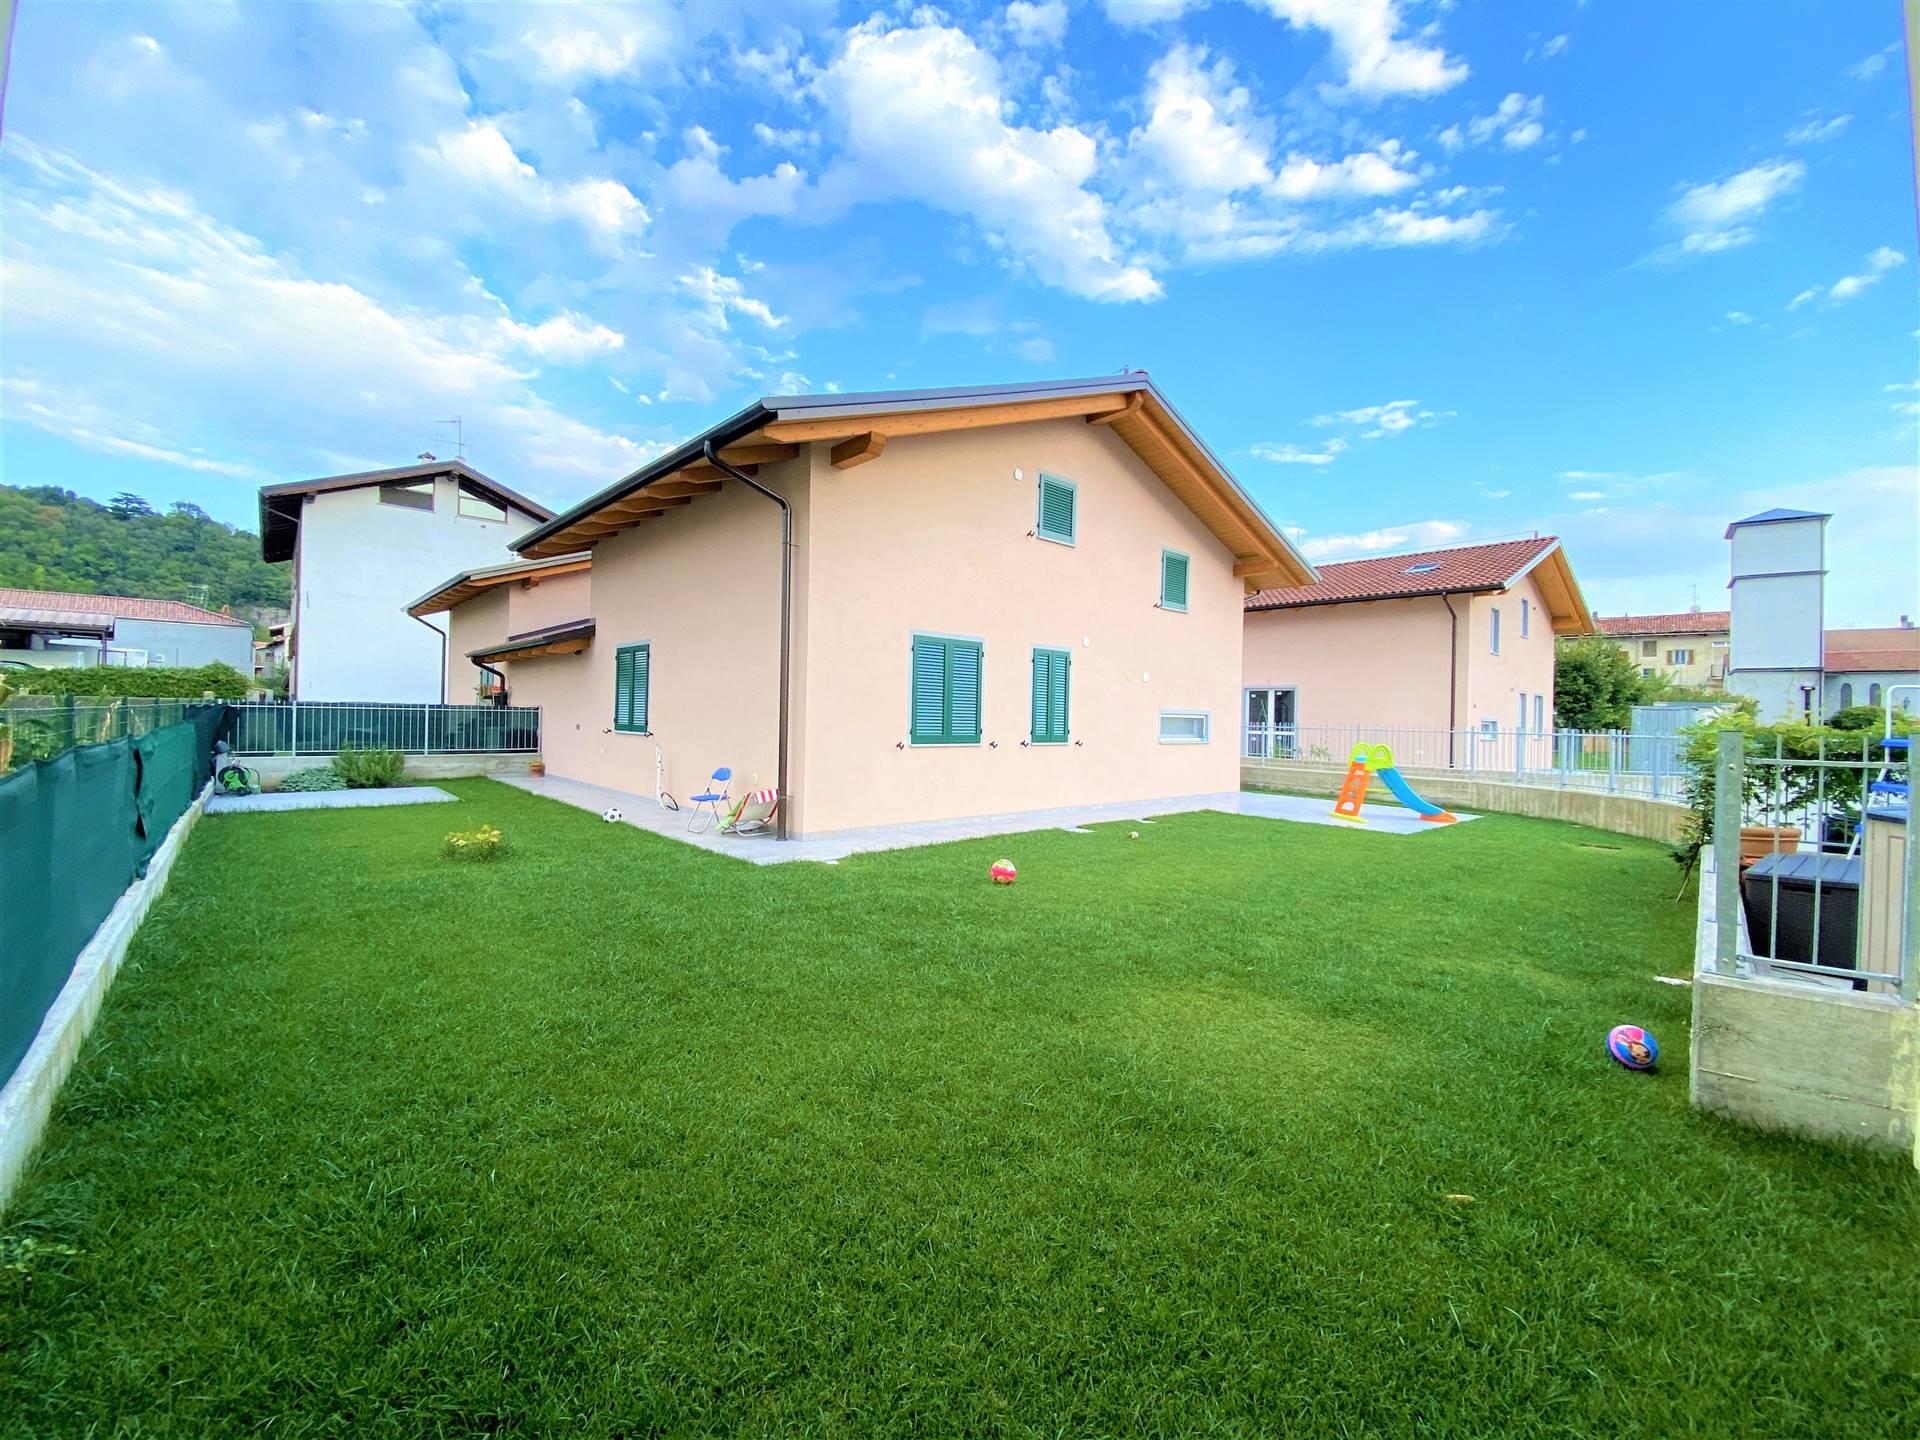 Villa Bifamiliare in vendita a Montalto Dora, 5 locali, prezzo € 220.000 | PortaleAgenzieImmobiliari.it